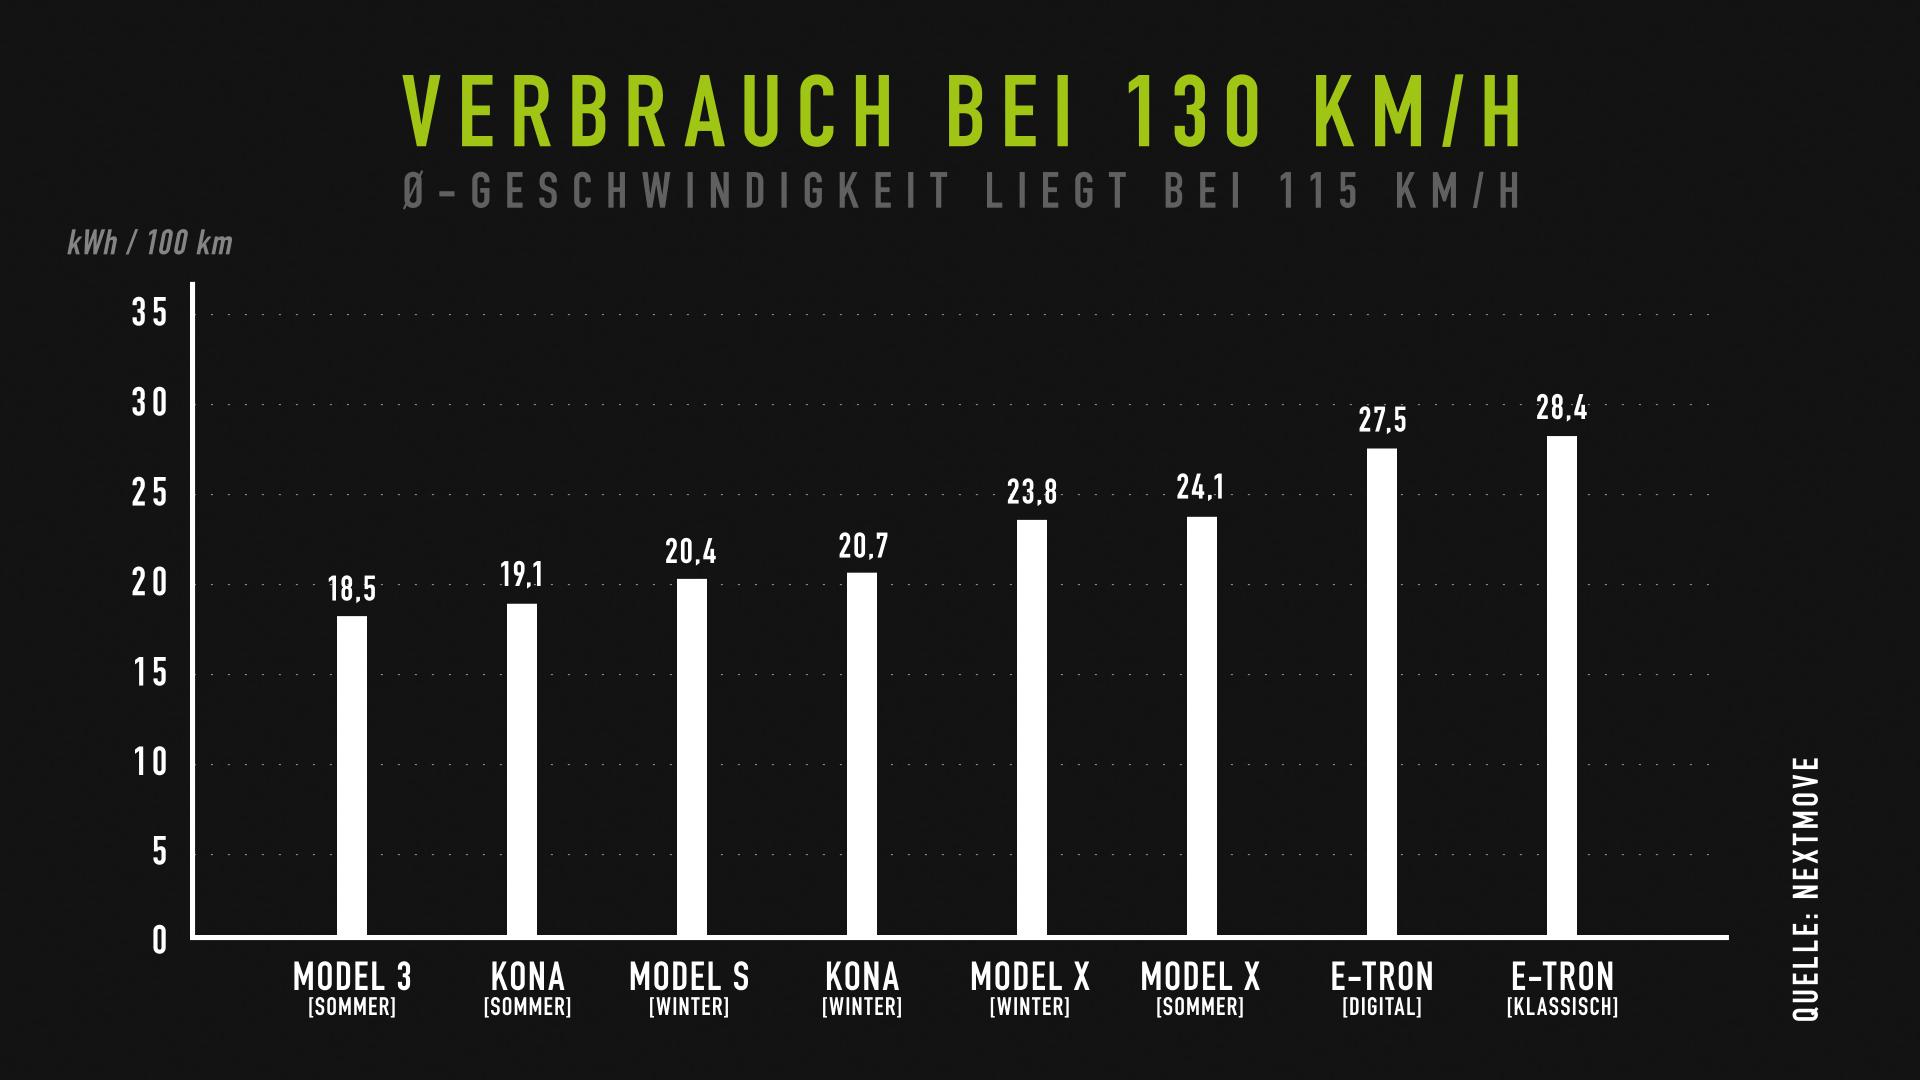 nextmove Verbrauchstest - Verbrauch bei 130 kmh